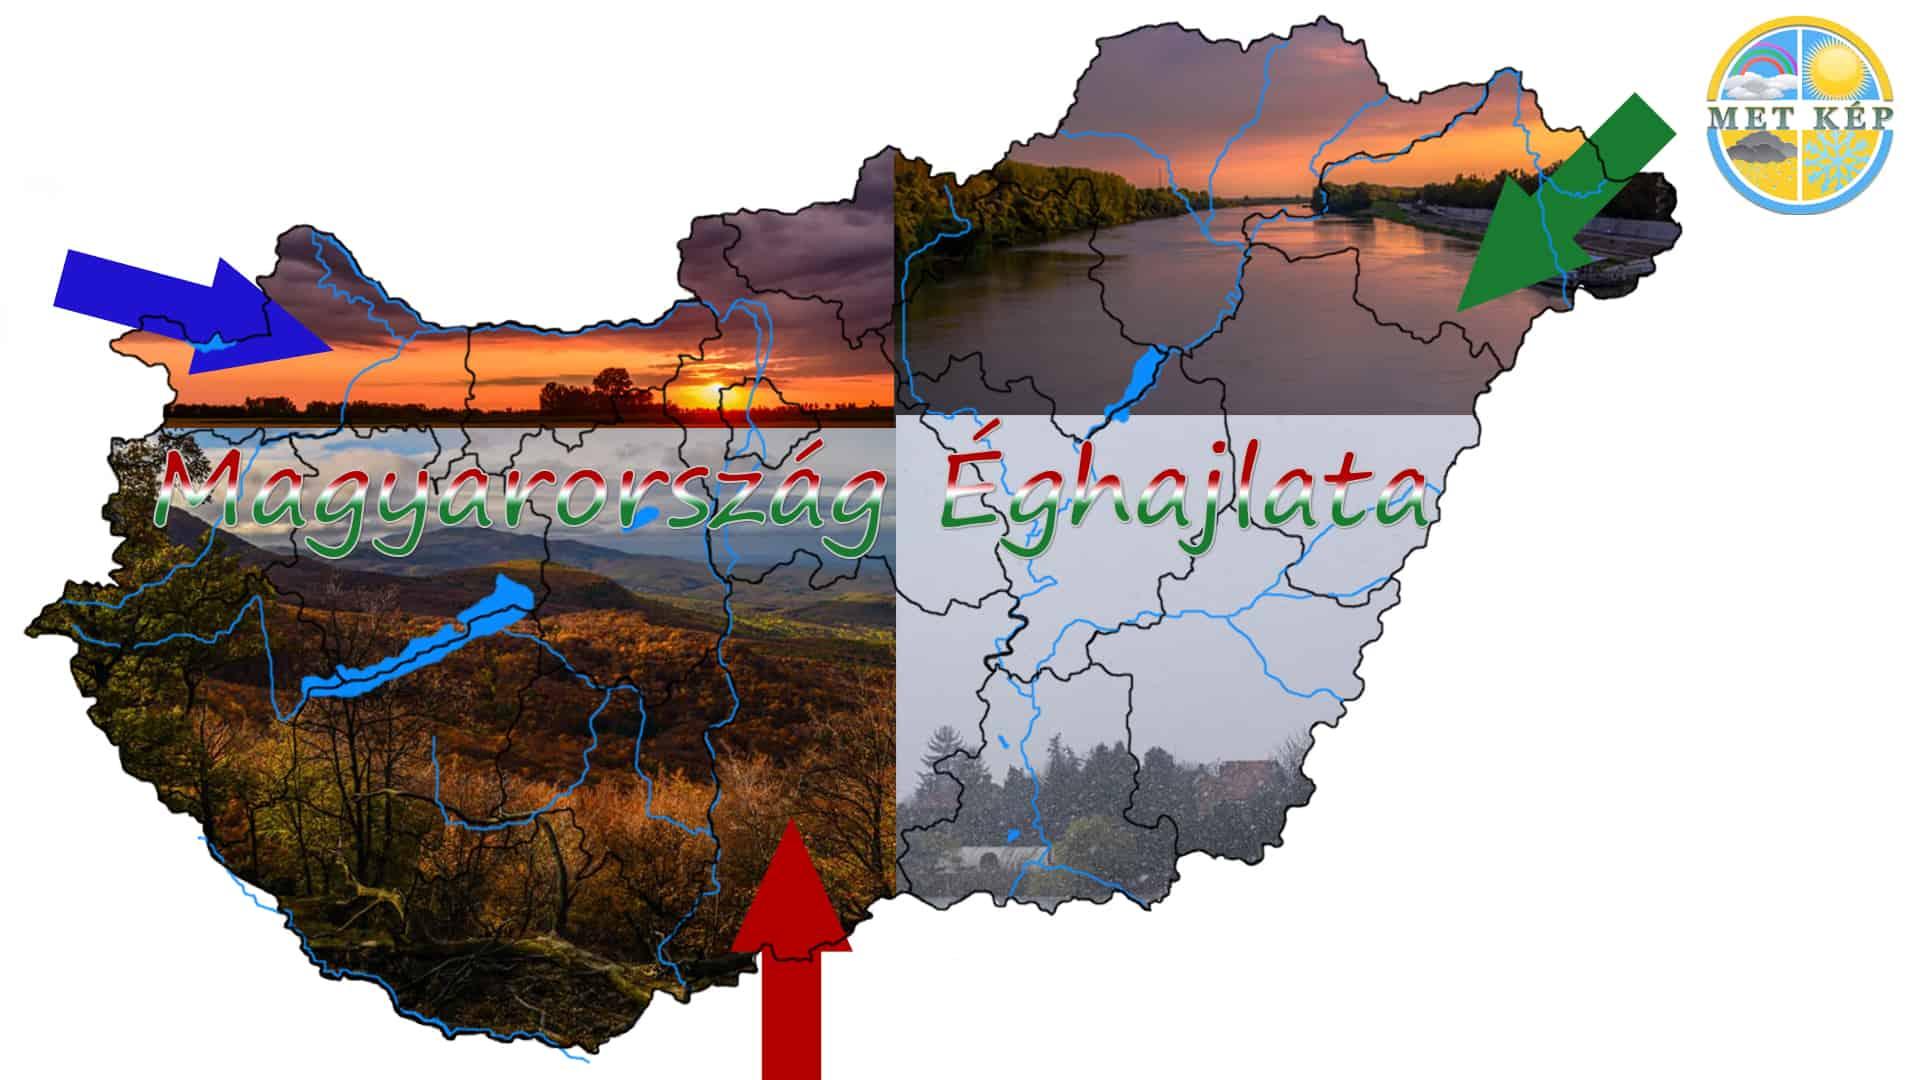 Magyarország éghajlata 1